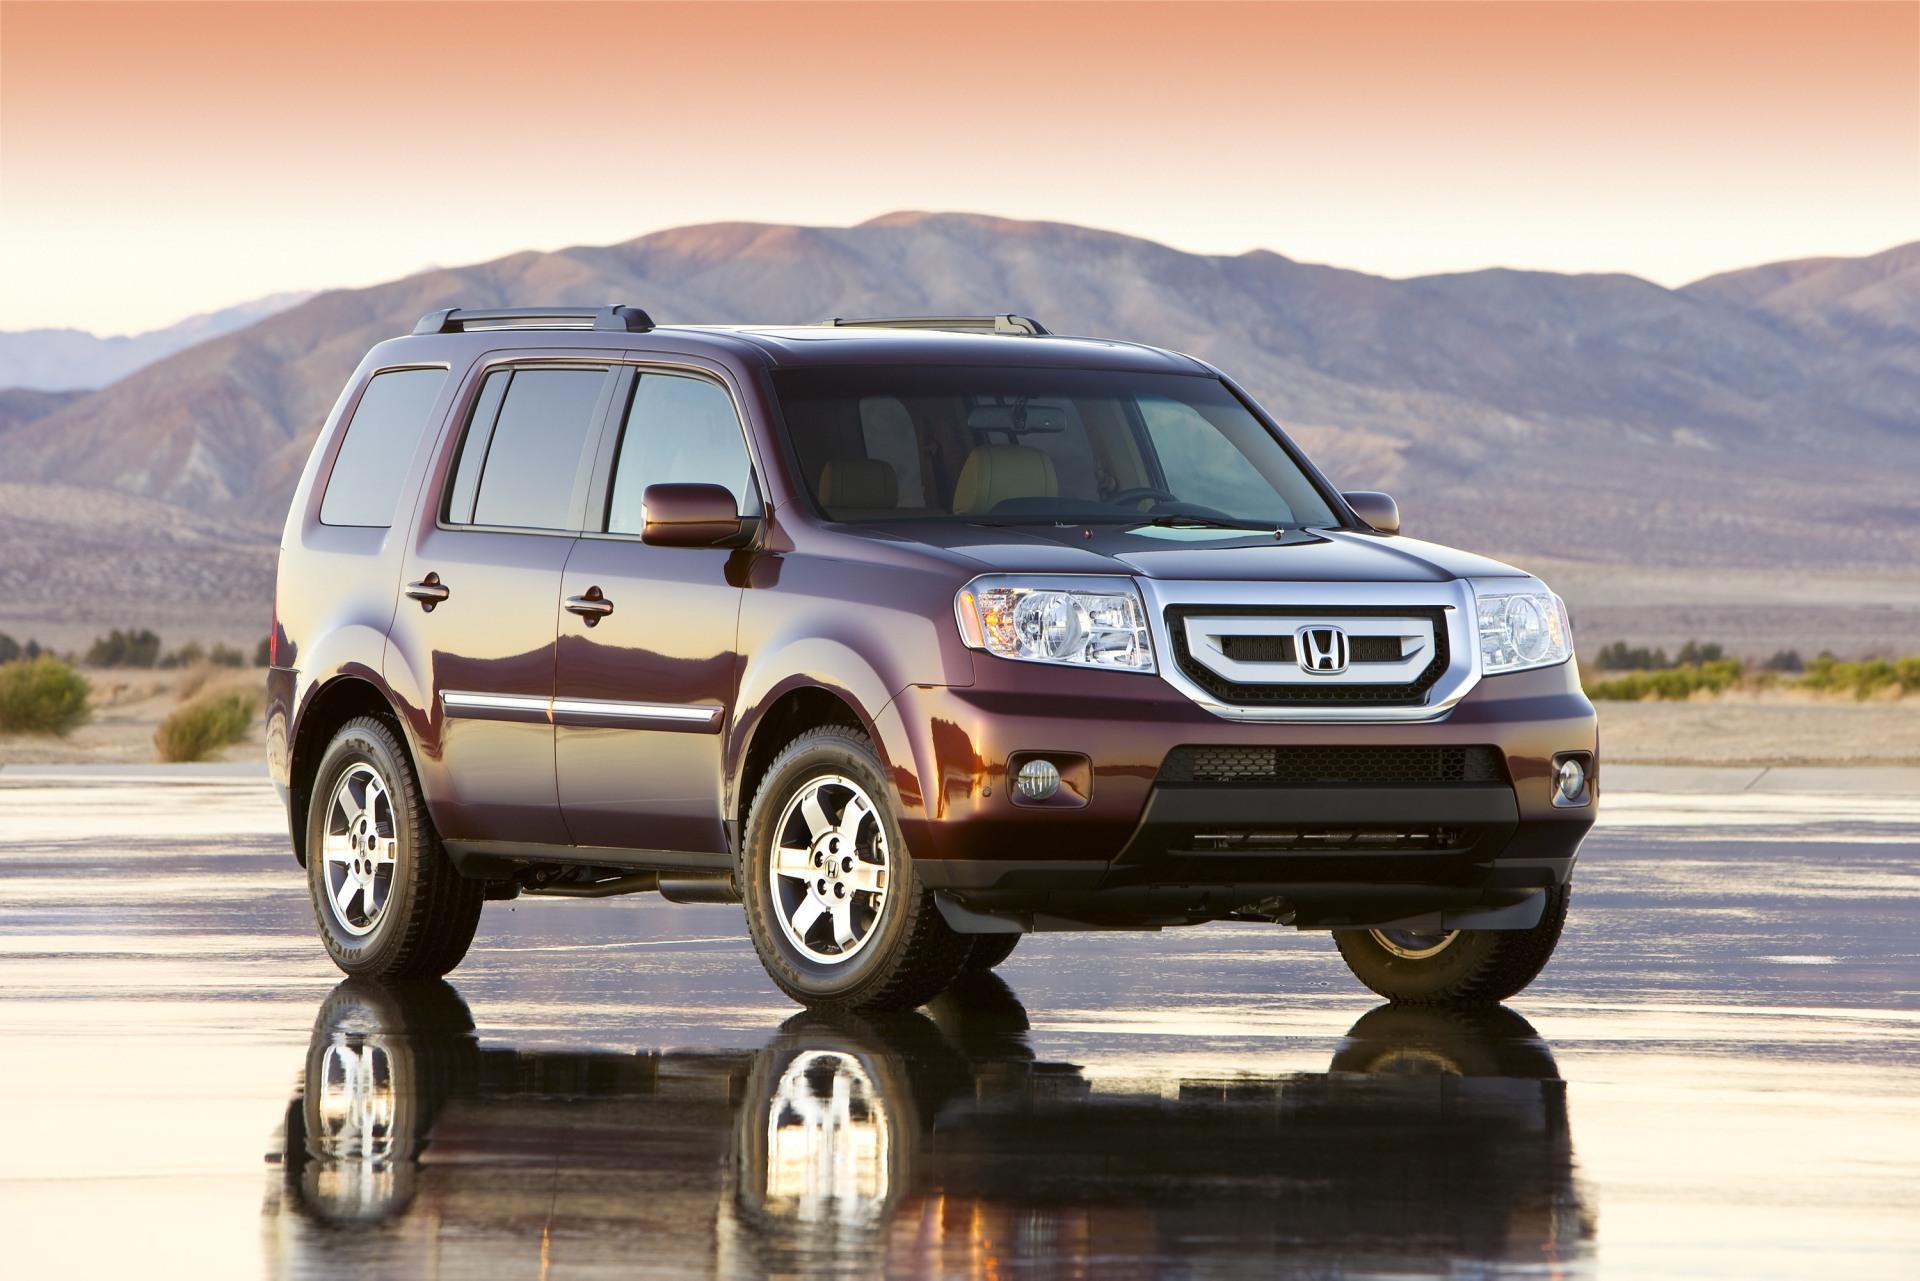 2009 Honda Pilot News and Information - conceptcarz.com